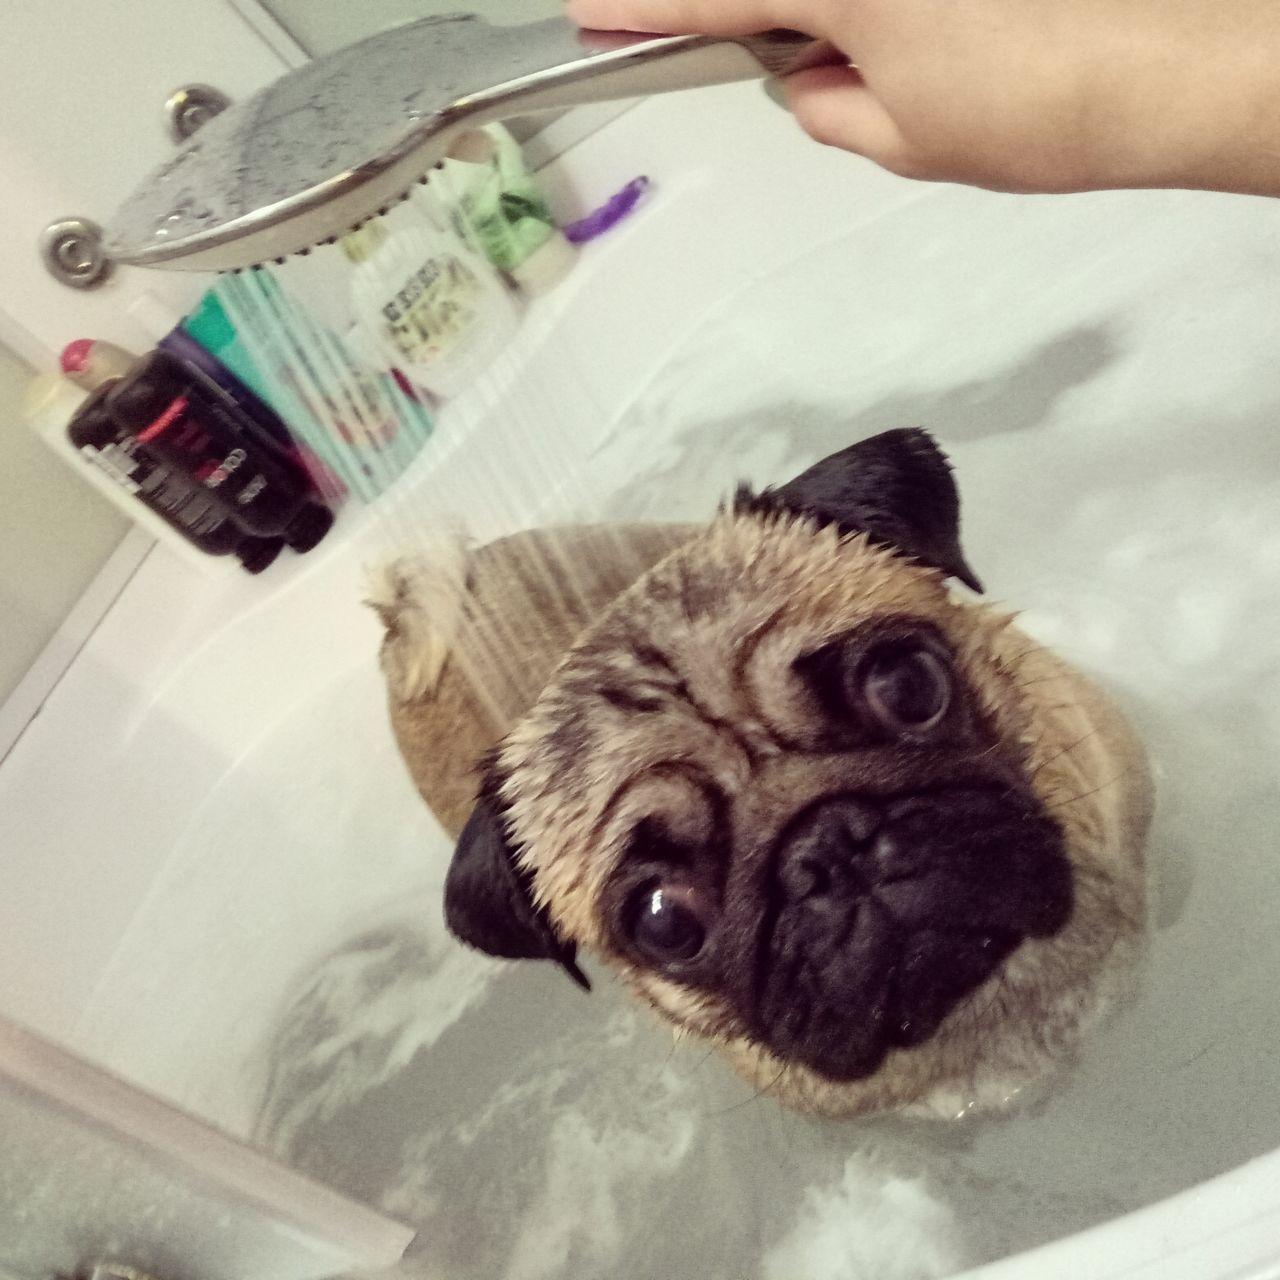 Bath time! Pets Domestic Animals One Animal Dog Bathtub Hygiene Taking A Bath Pug Pug Life  Pug Love Puglife Pug Life ❤ Puglover Pug Time Pugstagram